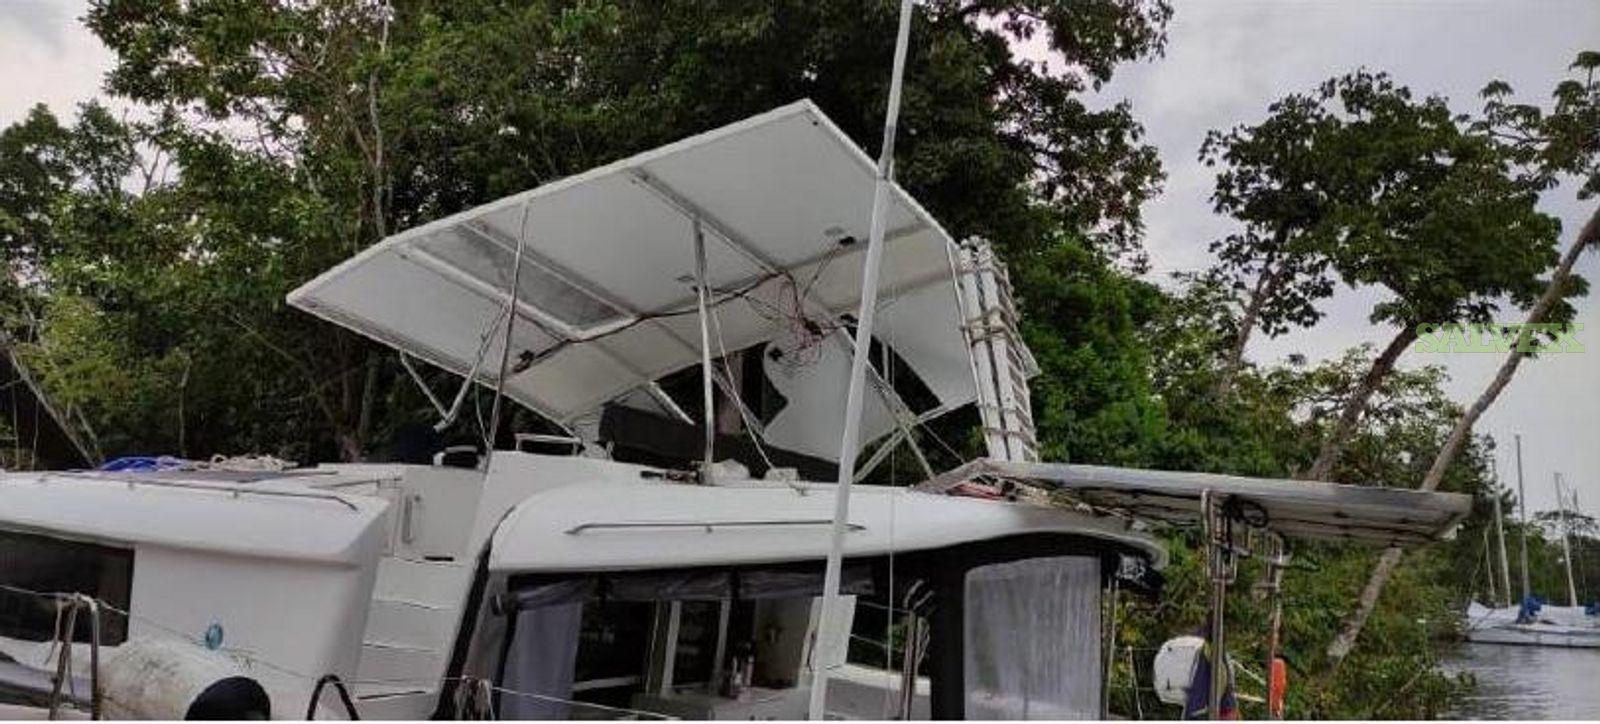 Damaged Catamaran Boat 2017